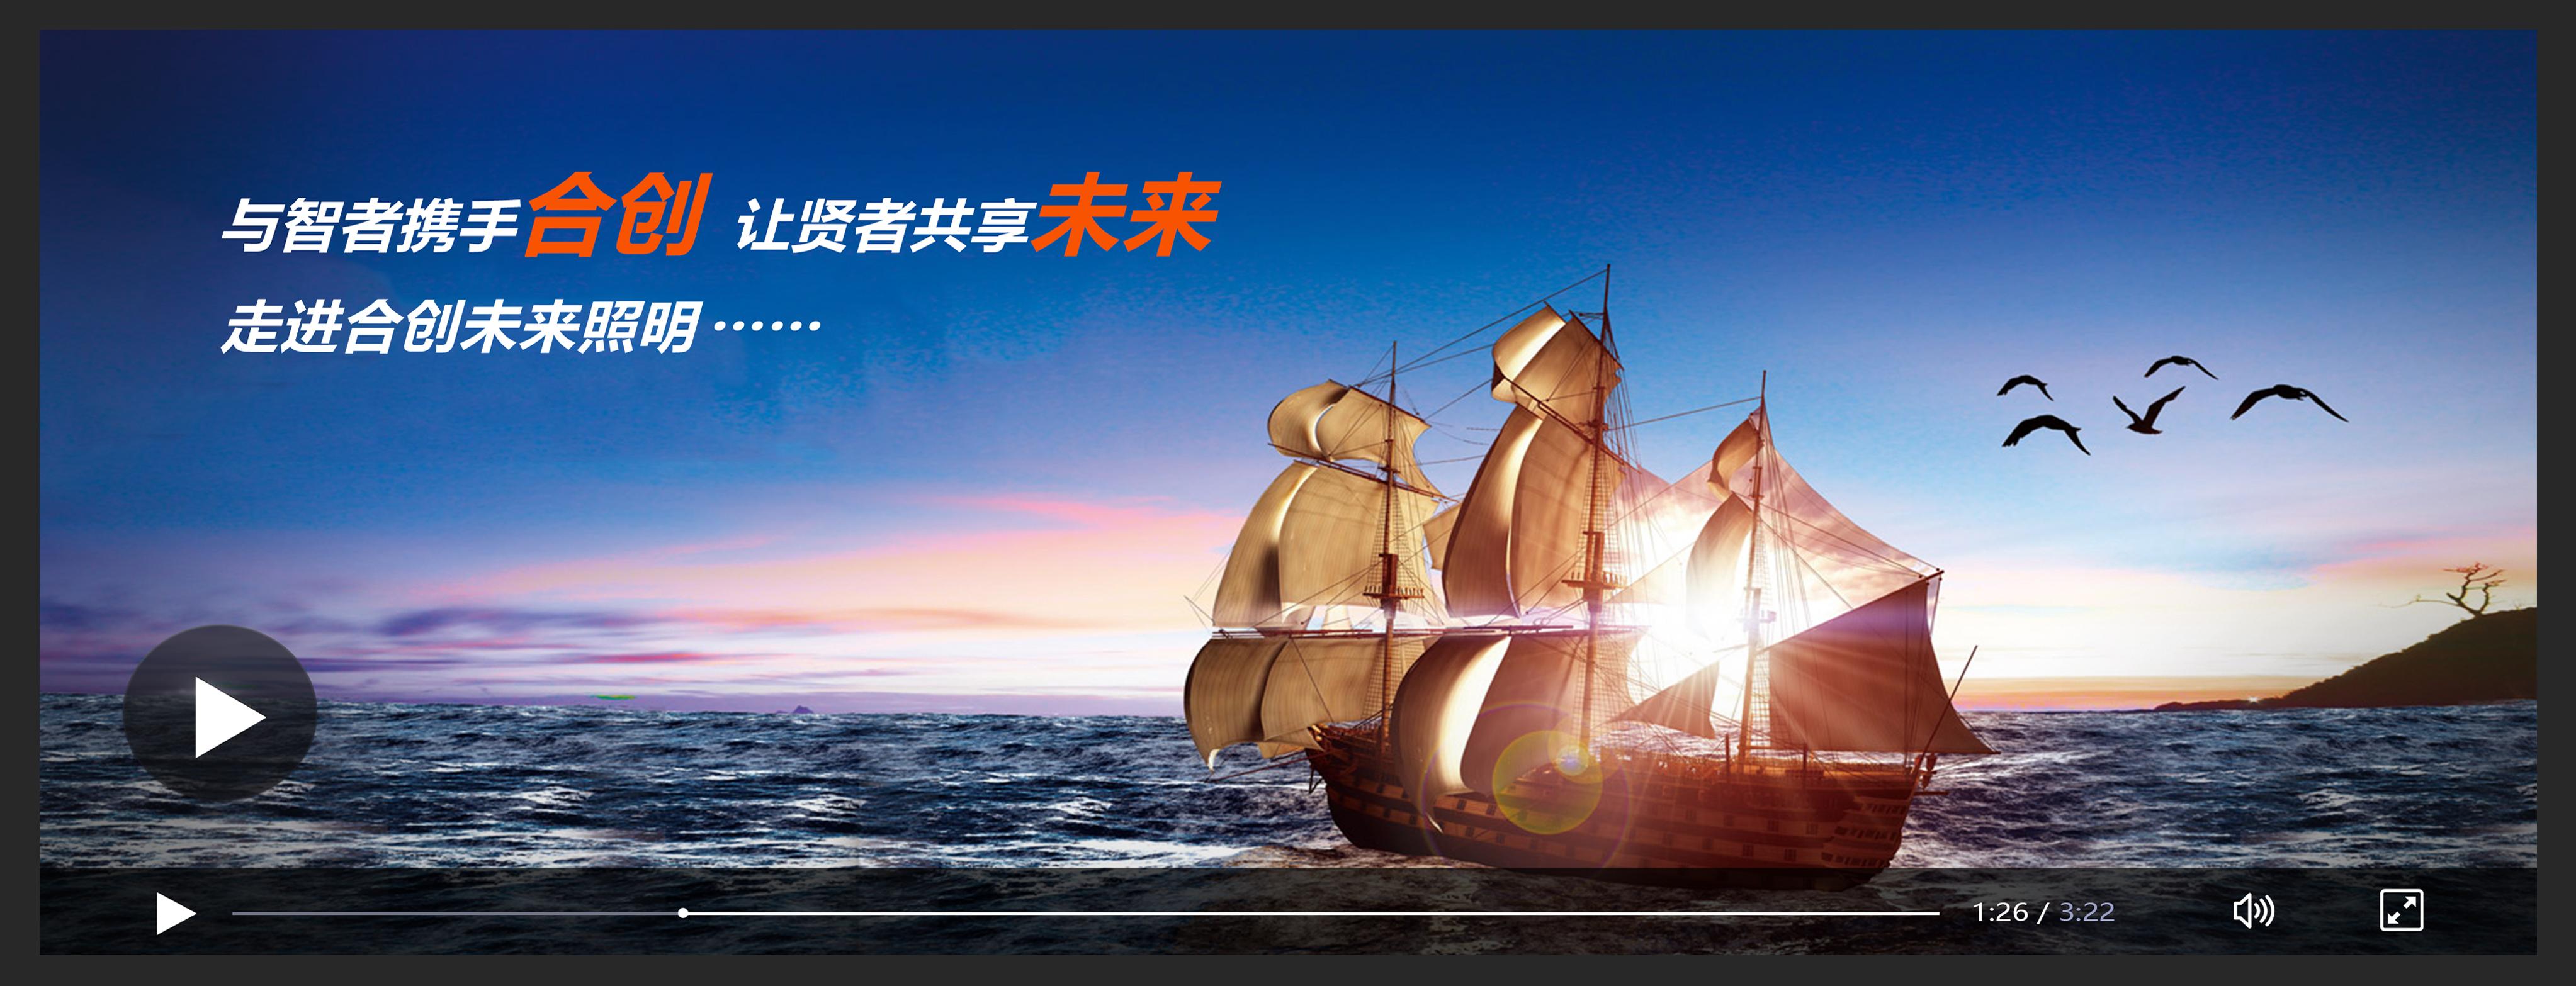 合创未来(深圳)照明有限公司欢迎您